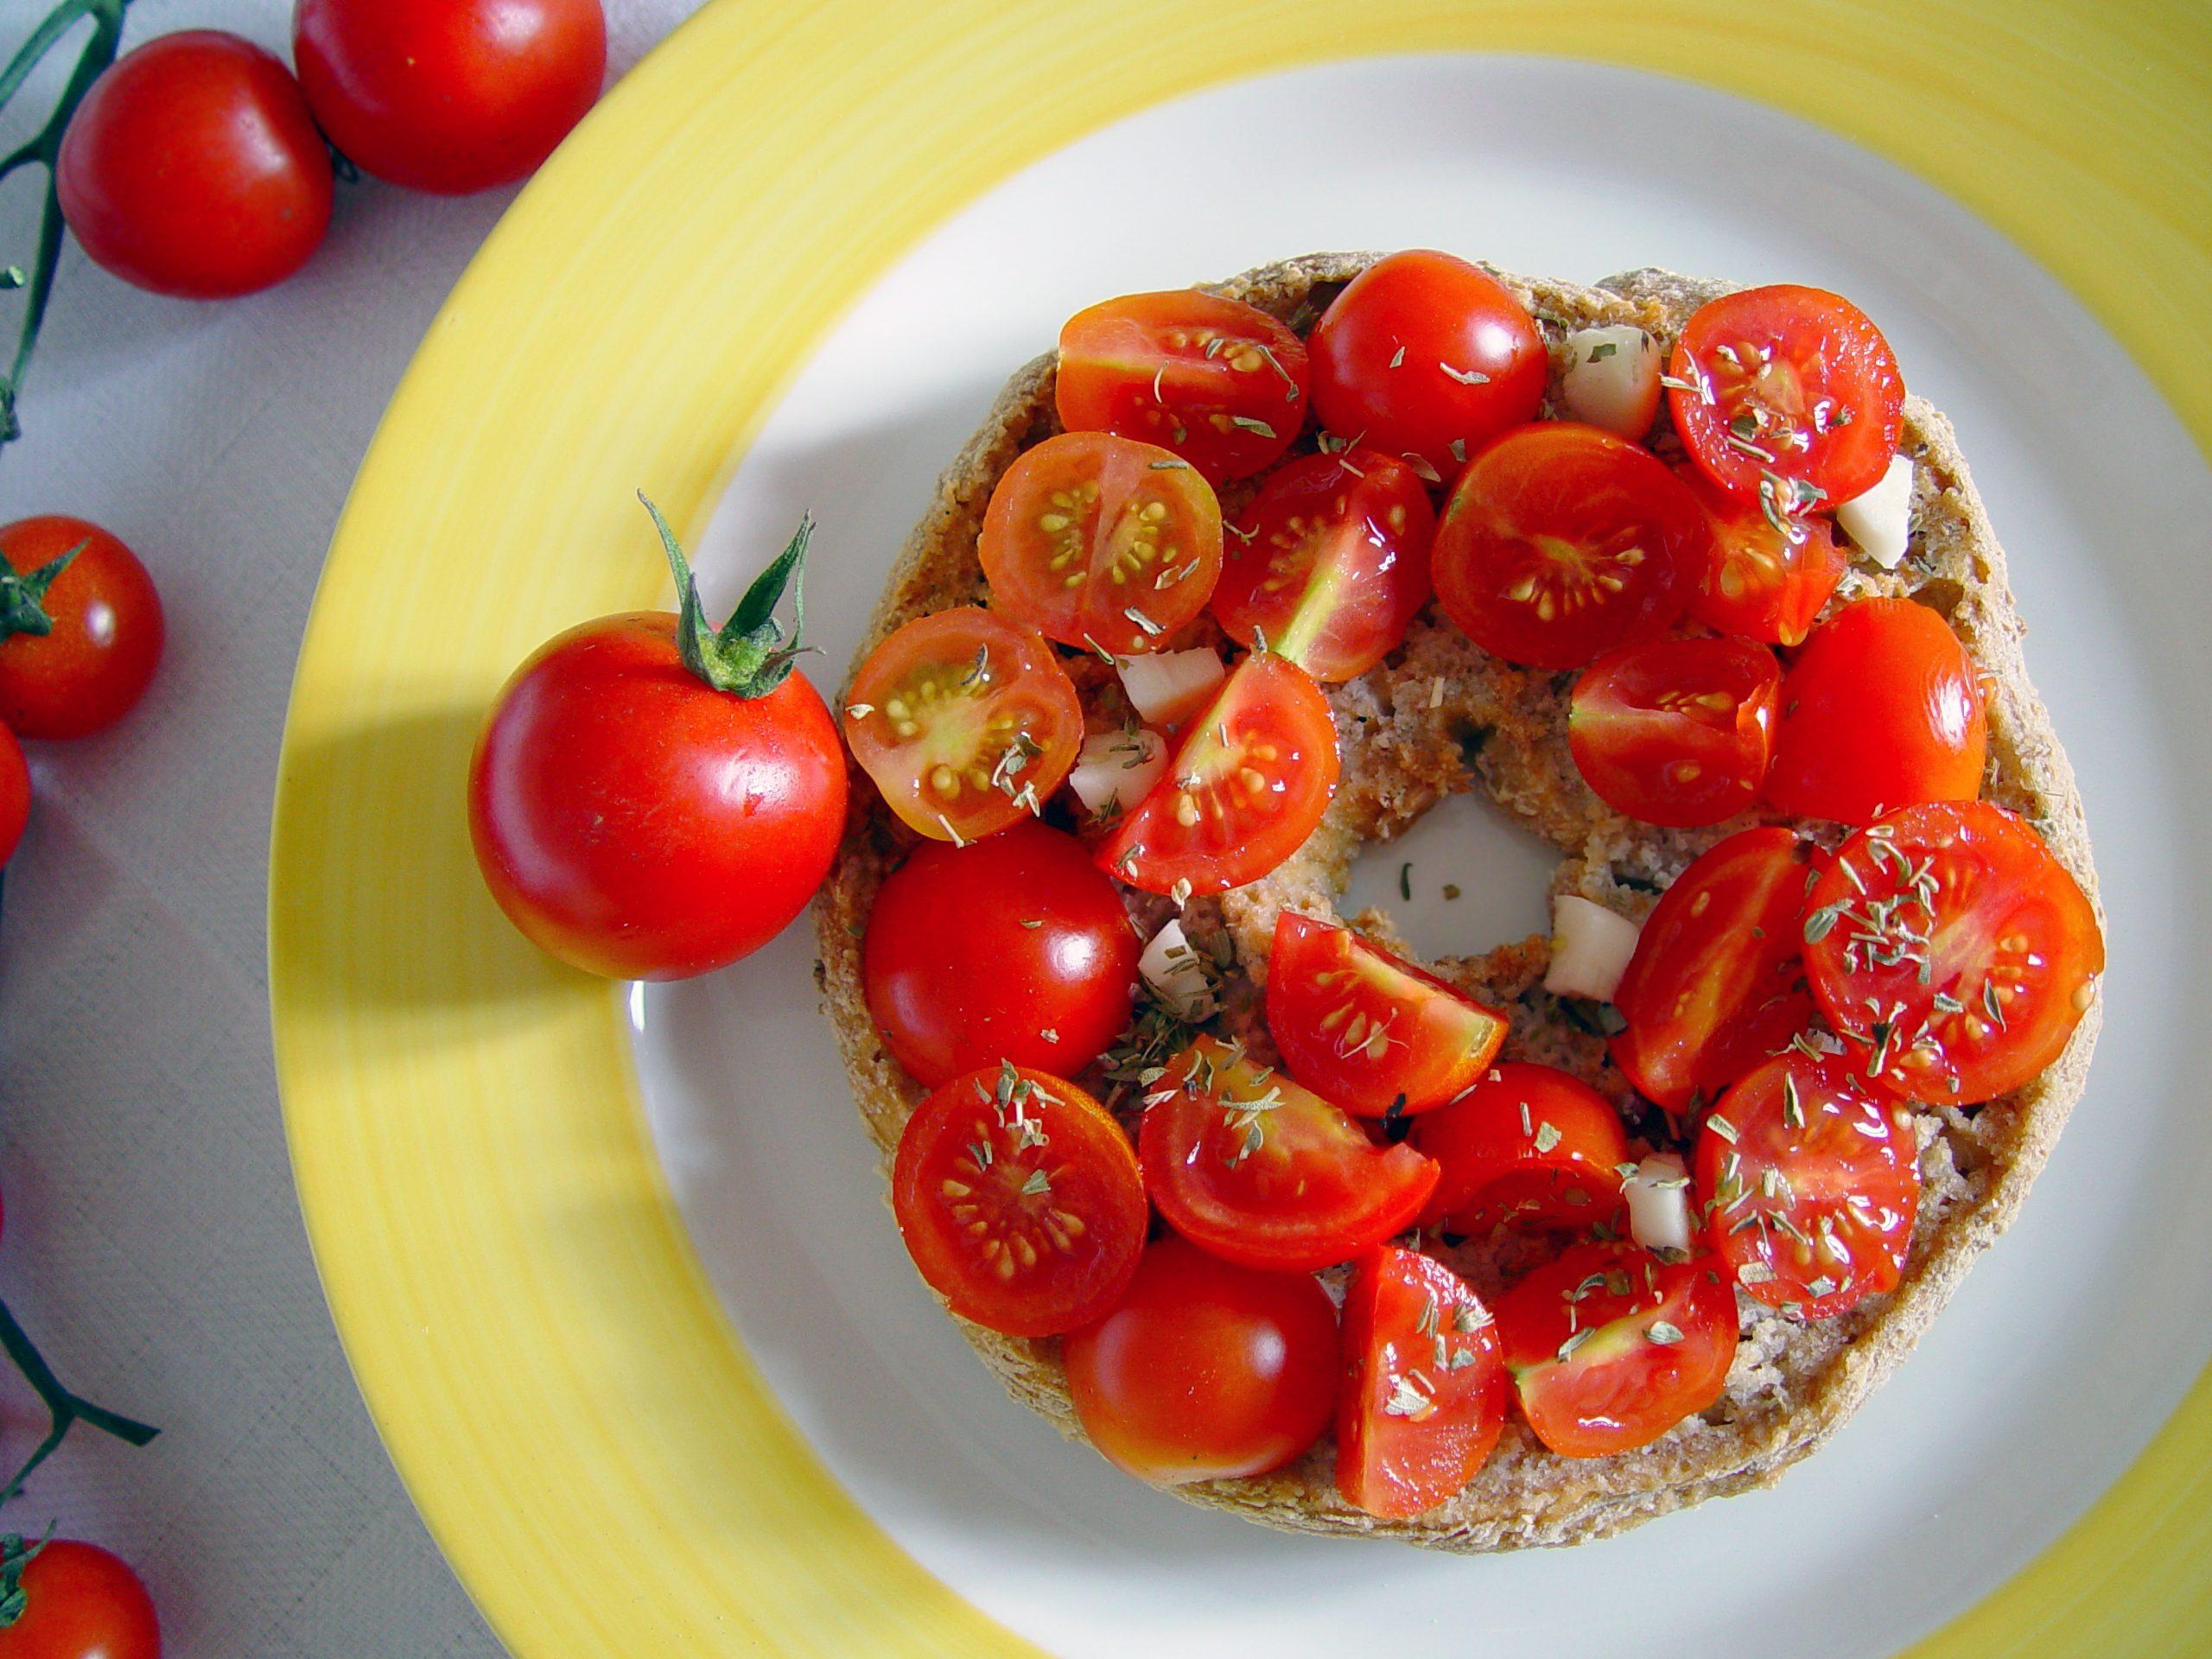 La dieta mediterranea riduce il rischio di ictus: i suggerimenti degli esperti